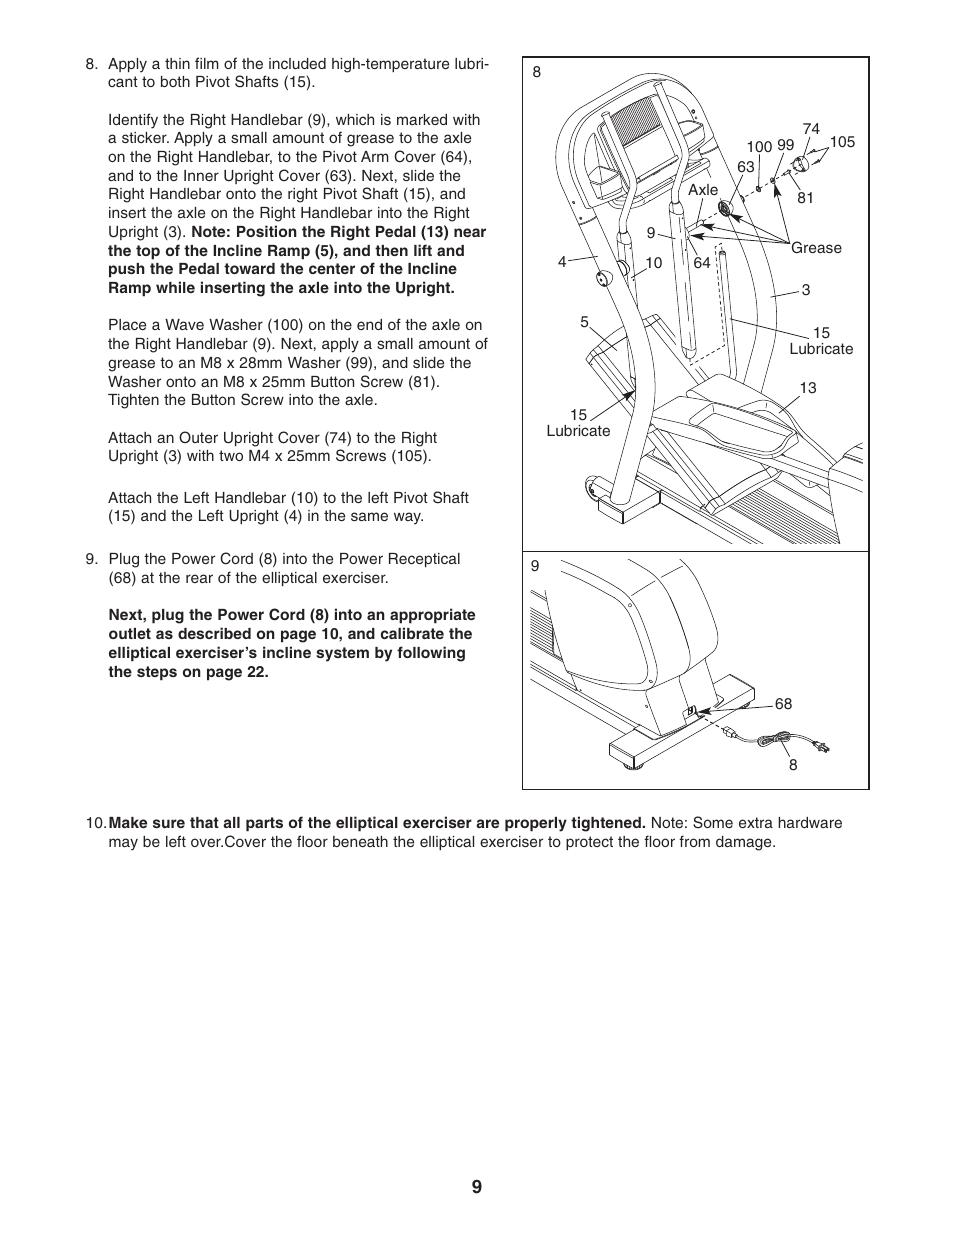 nordictrack cx 1055 elliptical exerciser 30508 0 user manual page rh manualsdir com nordictrack cx 1055 elliptical manual NordicTrack Elliptical Manual